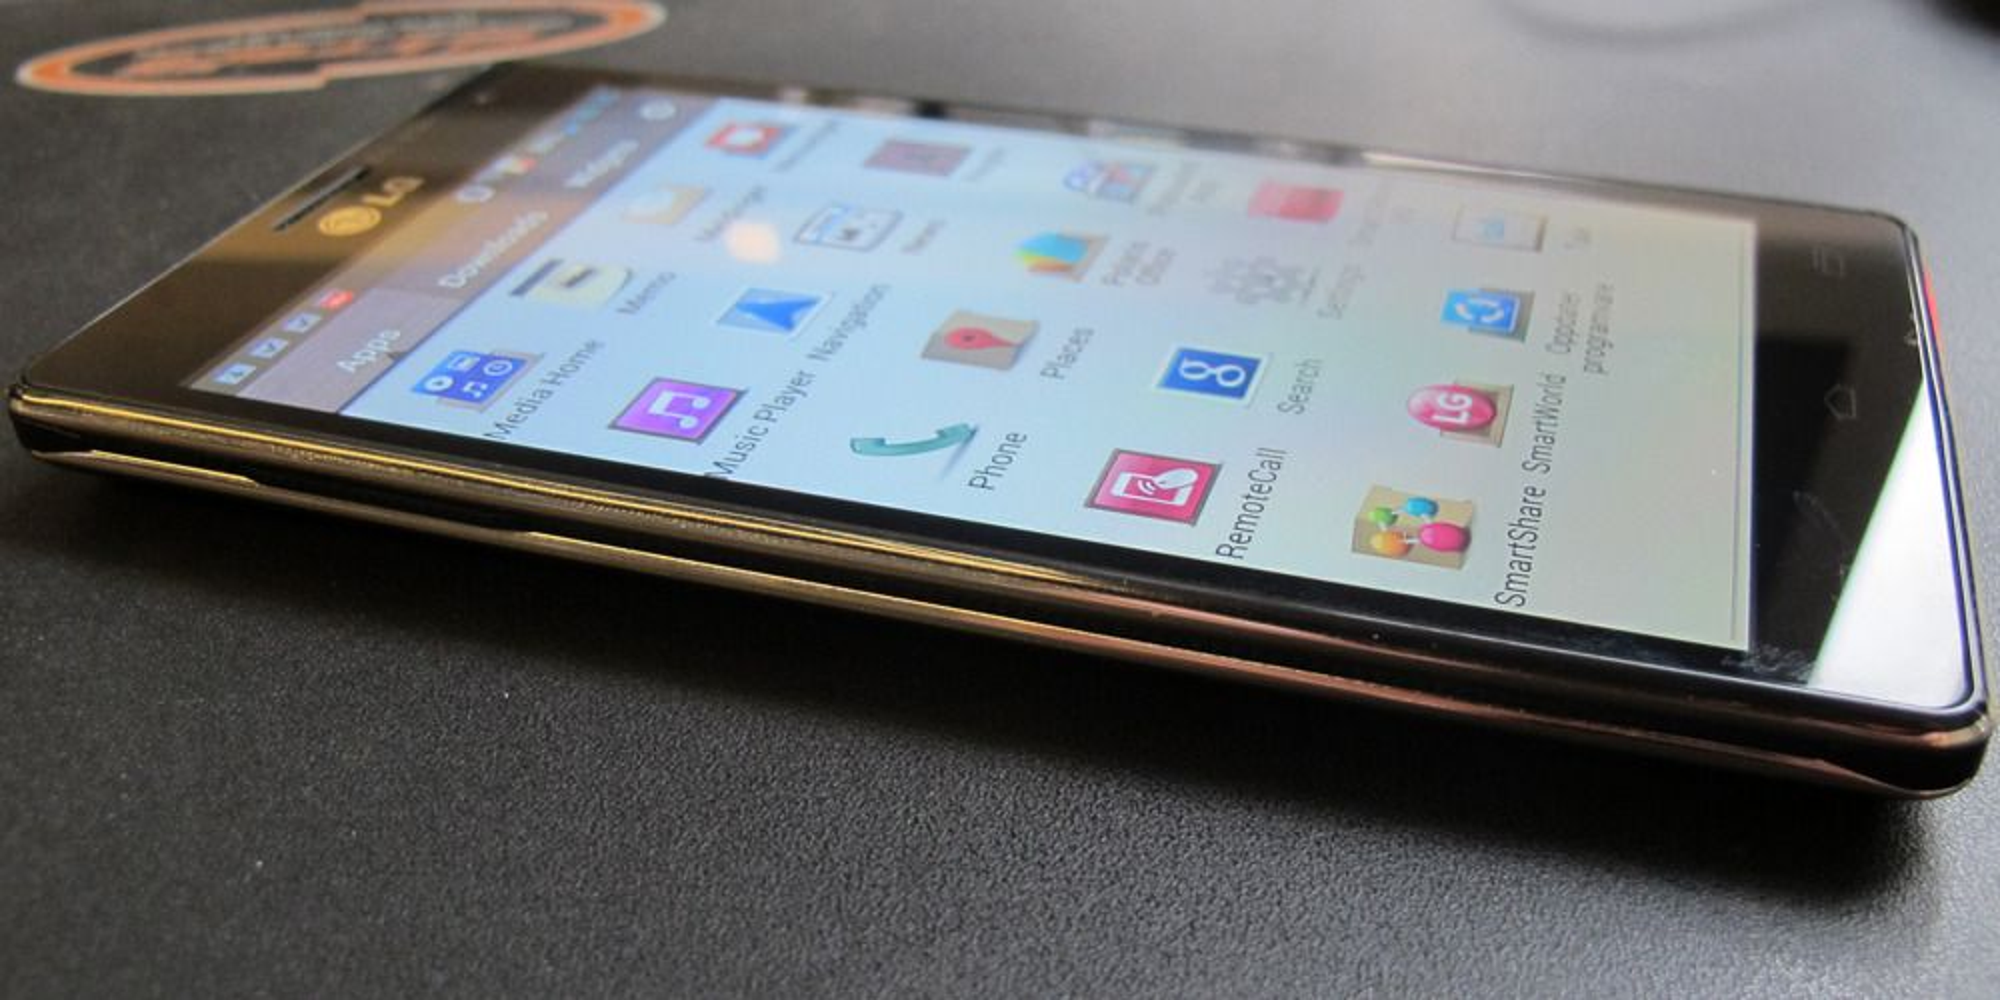 TEST: LG lover fleksibel mobilskjerm i 2013